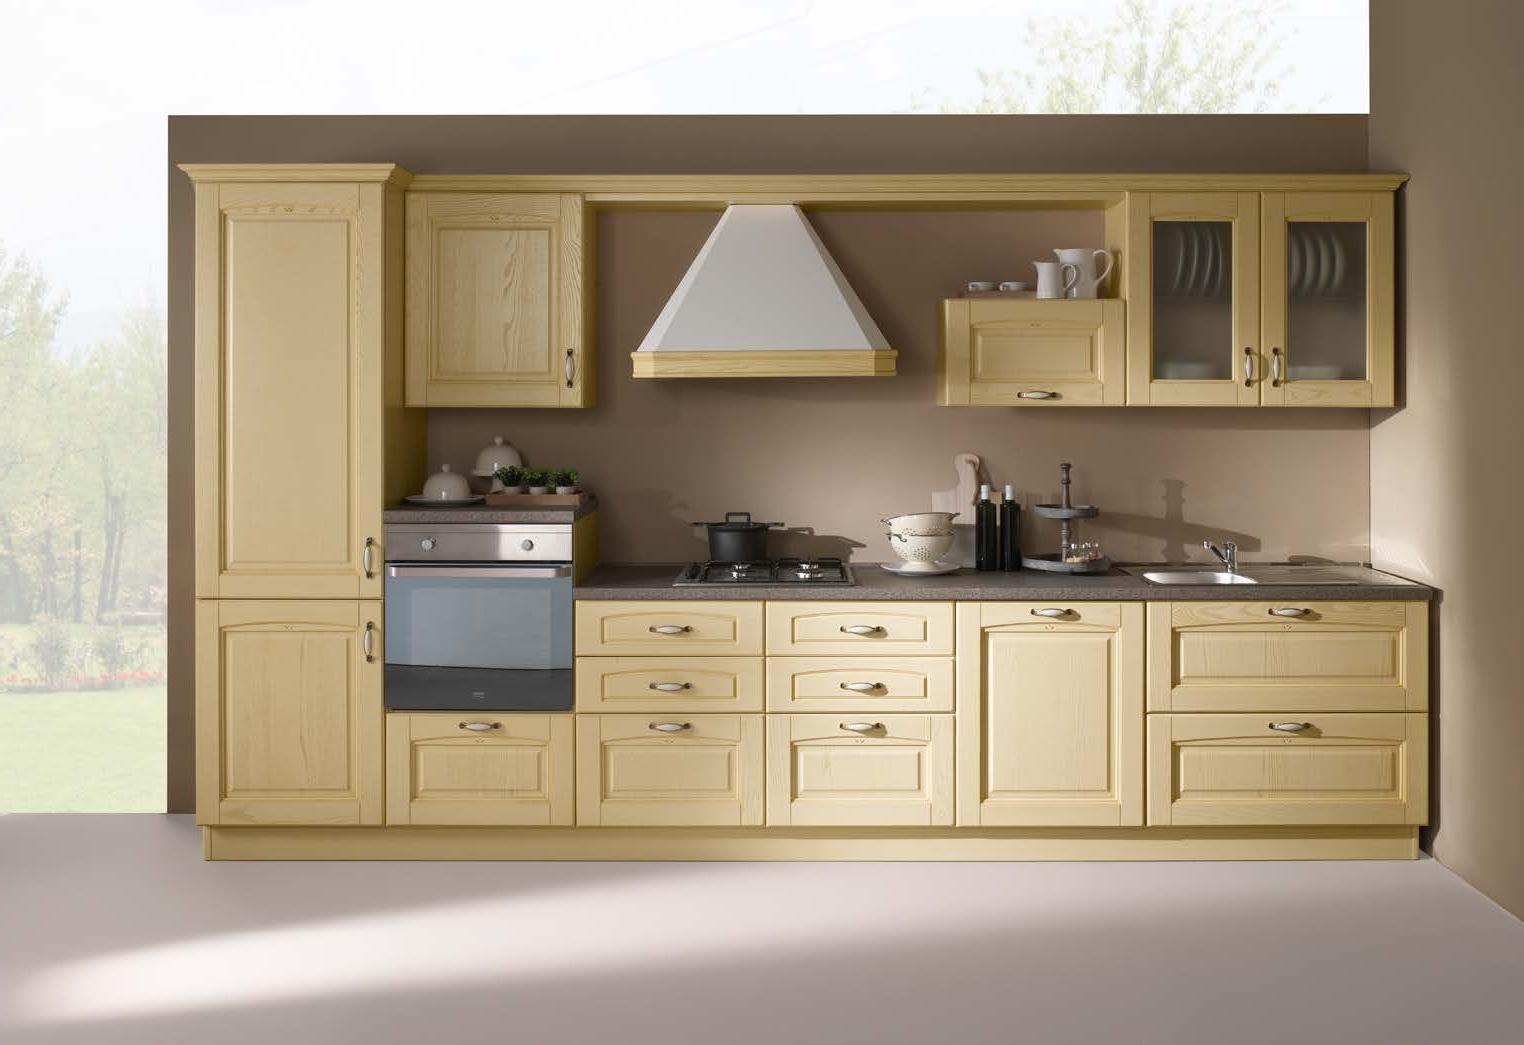 Cucina lineare in stile classico con elettrodomestici - Elettrodomestici in cucina ...